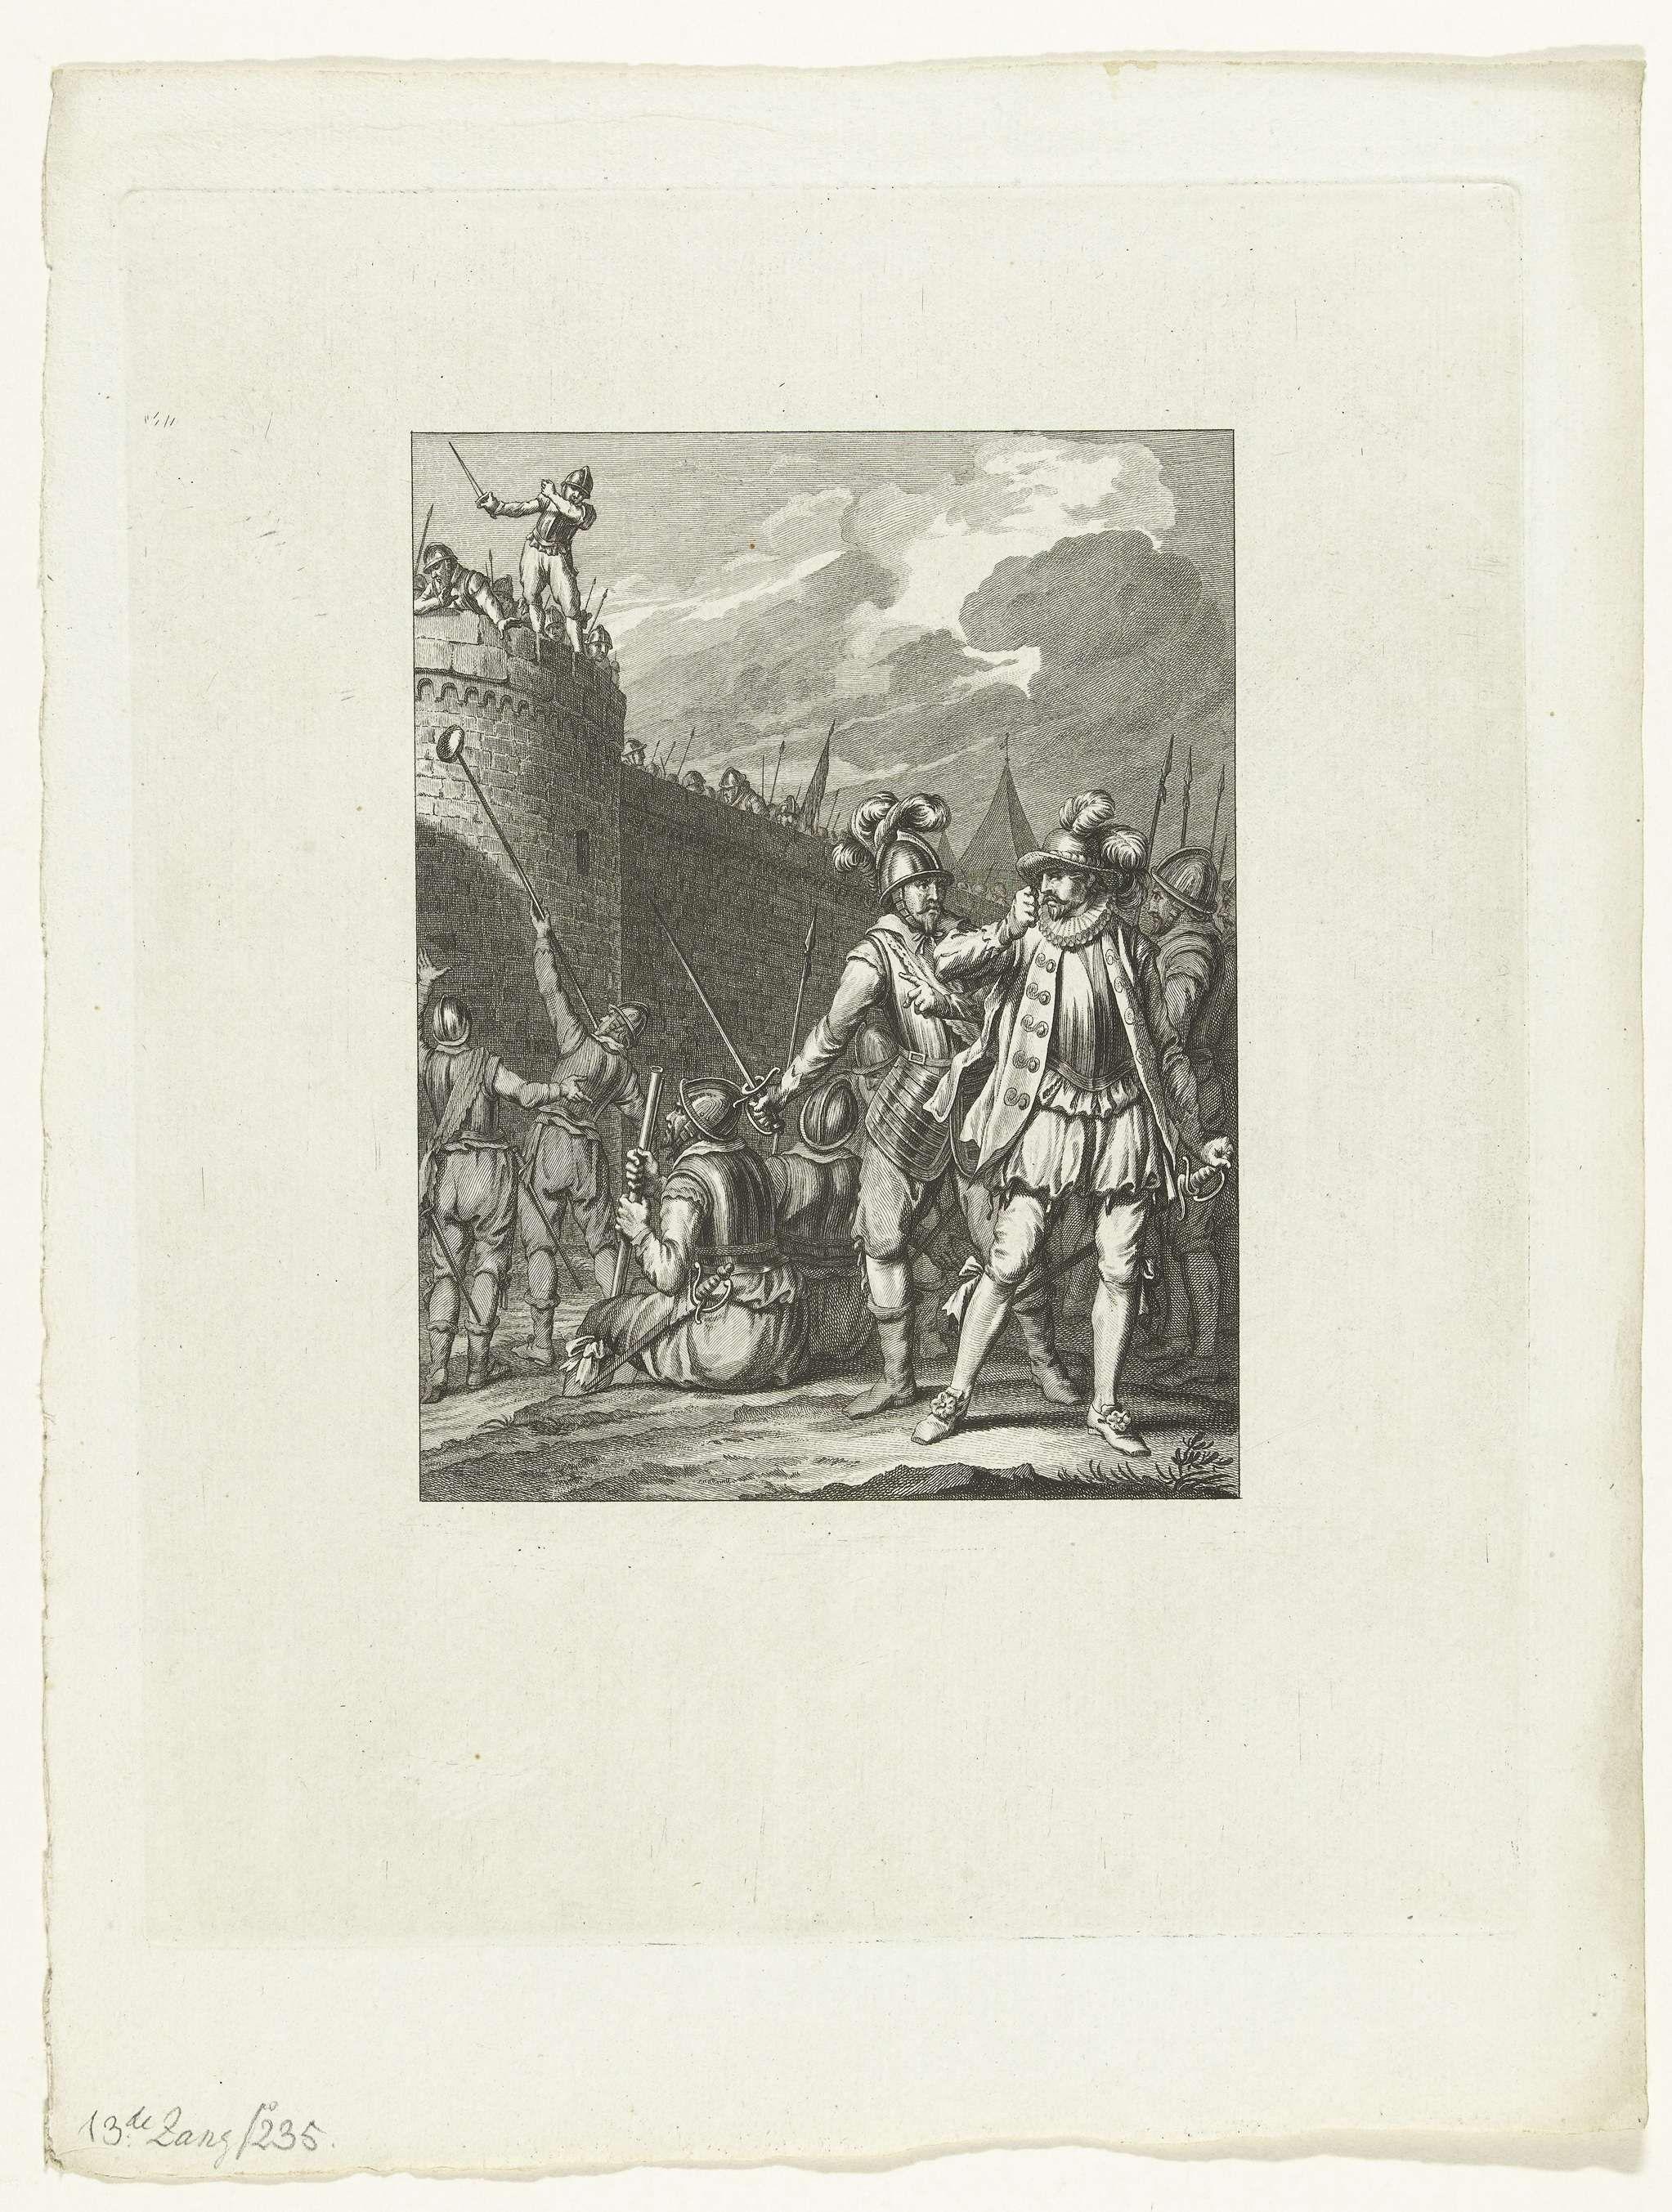 Theodoor Koning | Leidenaren weigeren het door de Spanjaarden aangeboden brood, 1574, Theodoor Koning, Jacobus Buys, Jacobus Buys, 1782 | De belegerde Leidenaren weigeren het door de Spanjaarden aangeboden brood, 1574. Dertiende zang.